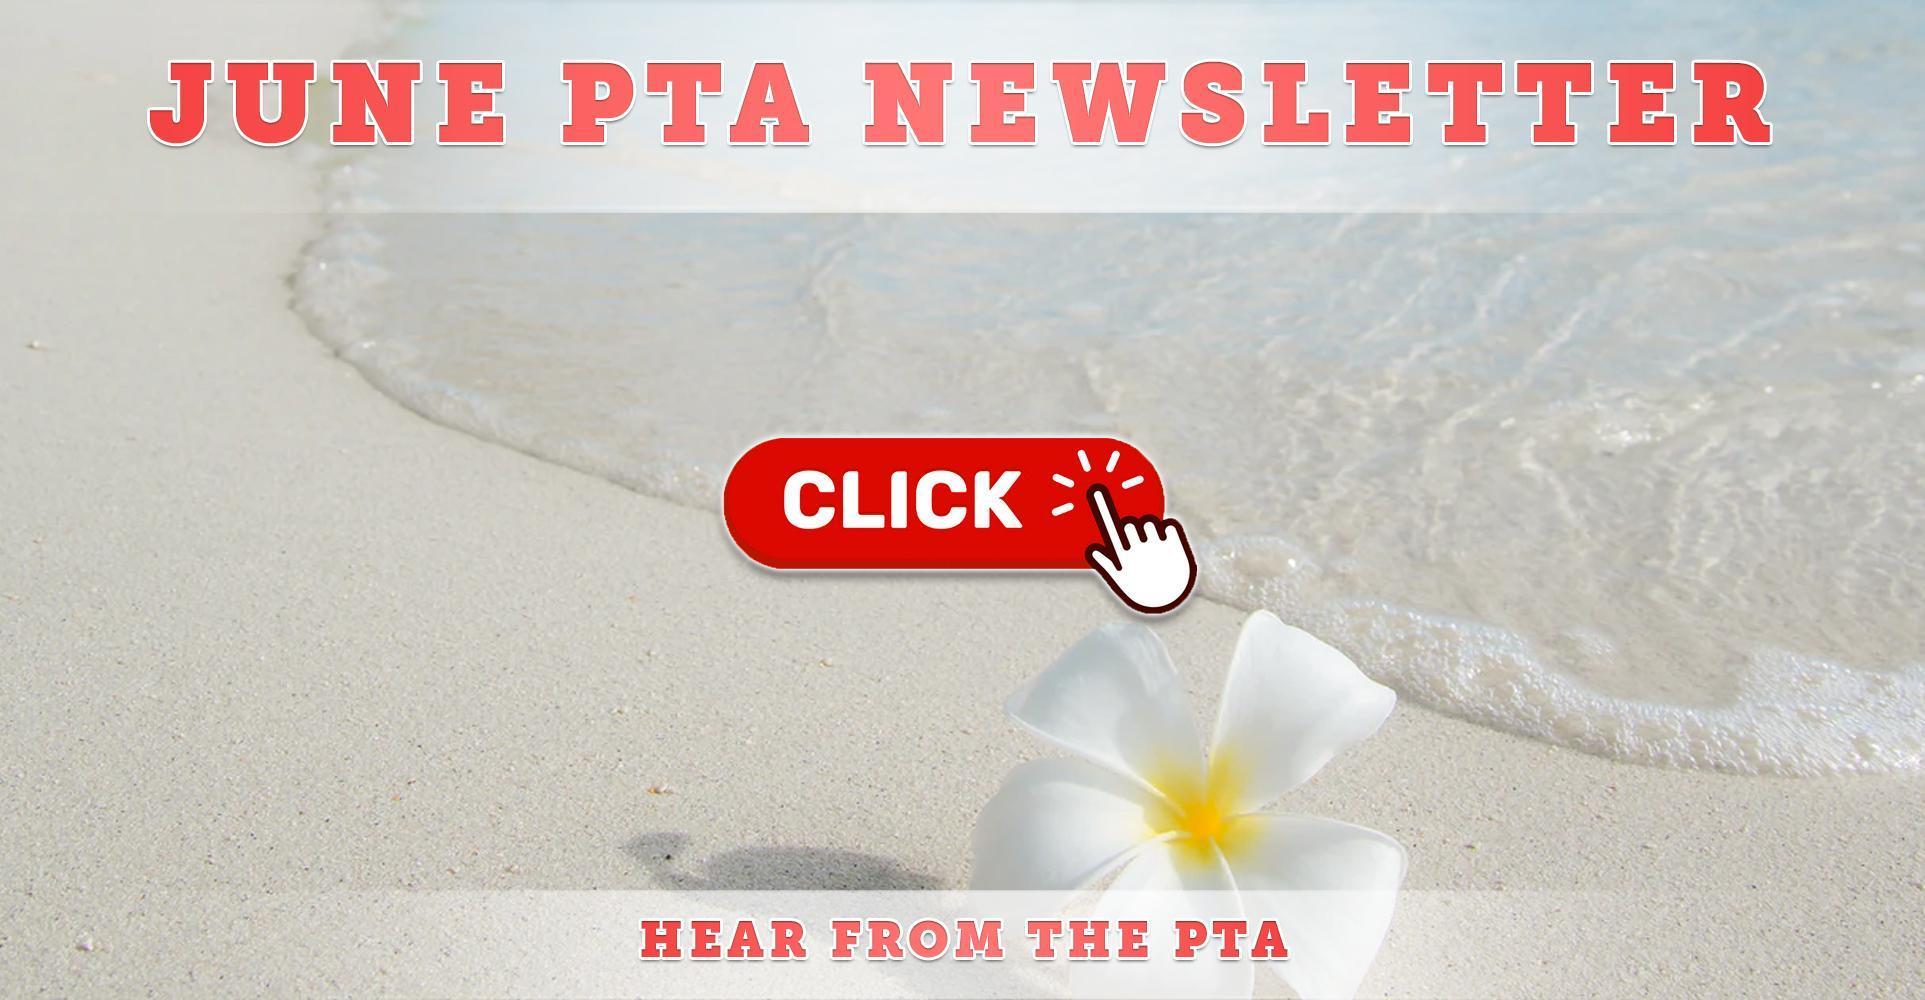 June PTA Newsletter